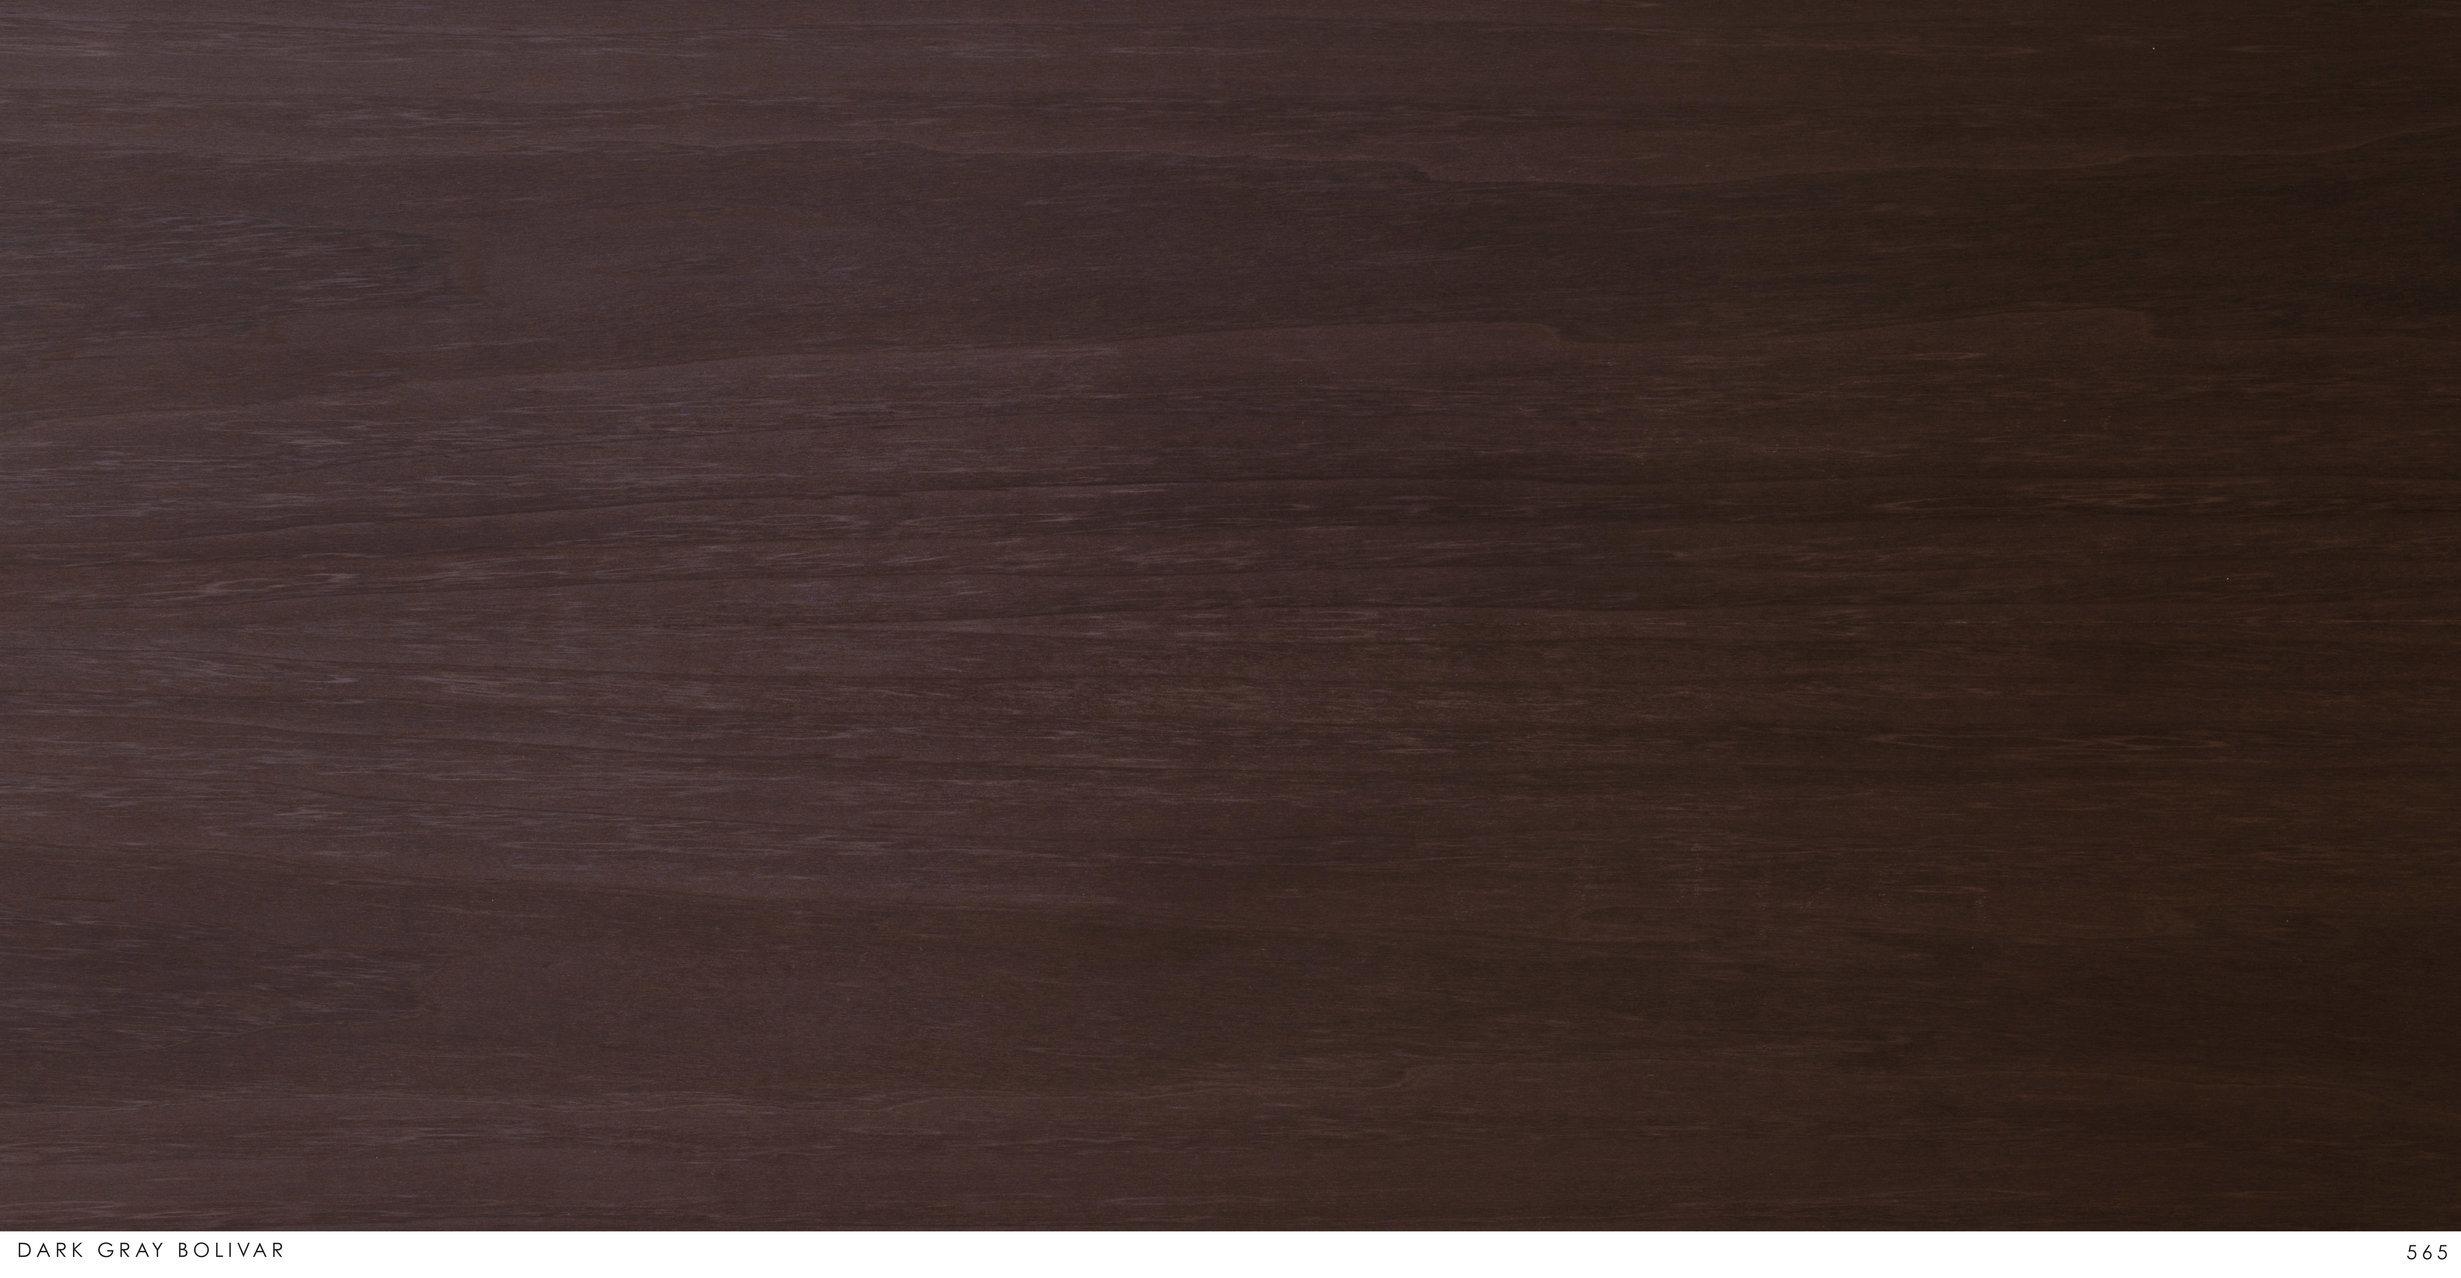 DARK GRAY BOLIVAR 565.jpg